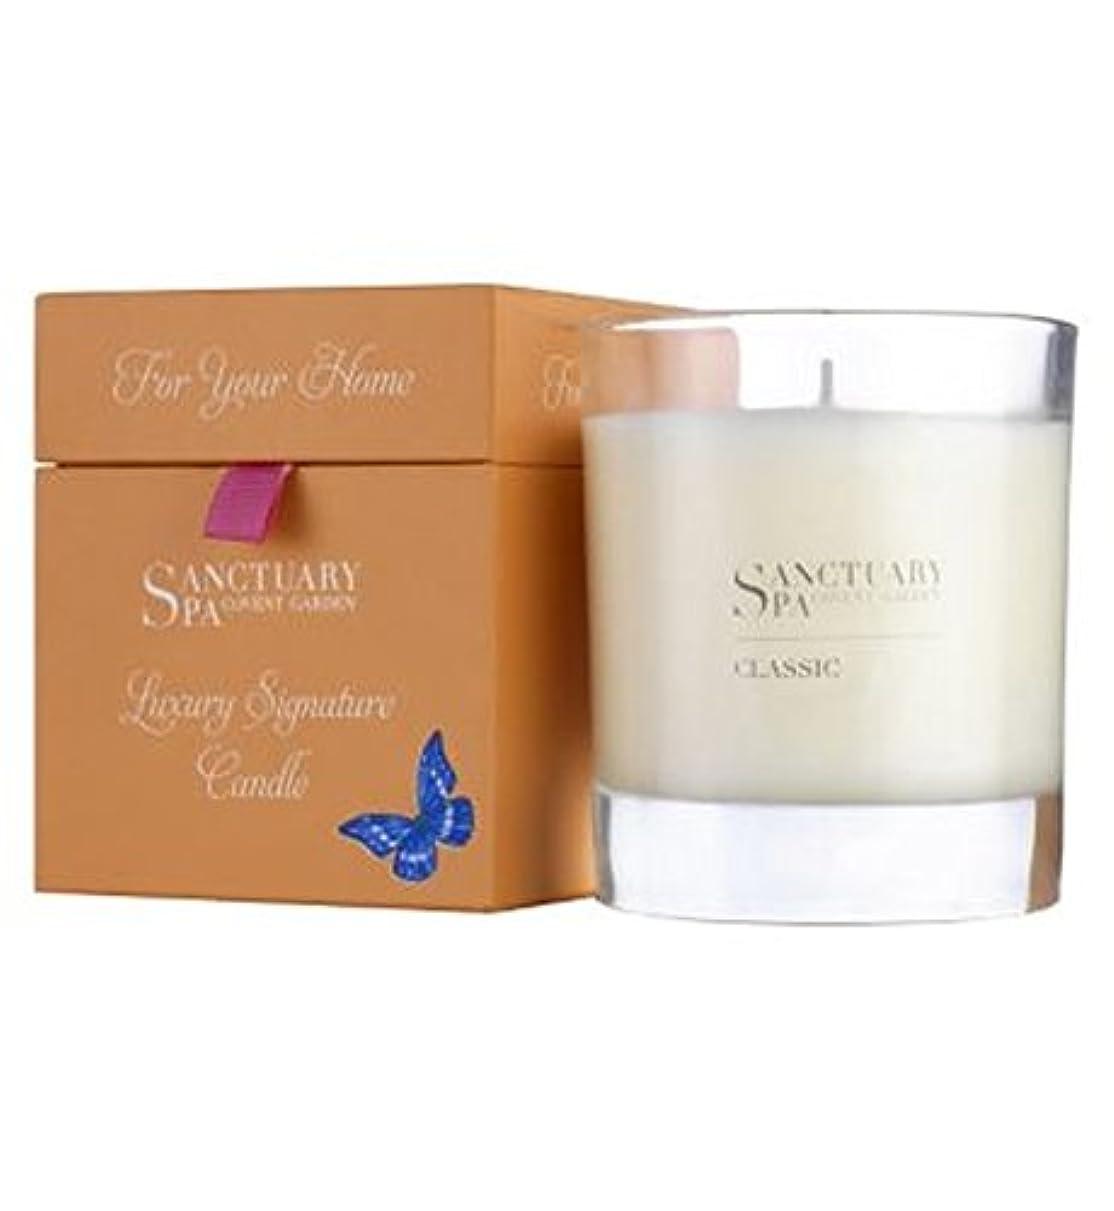 メタリックバター地上の聖域のクラシックフレグランスキャンドル (Sanctuary) (x2) - Sanctuary Classic Fragranced Candle (Pack of 2) [並行輸入品]